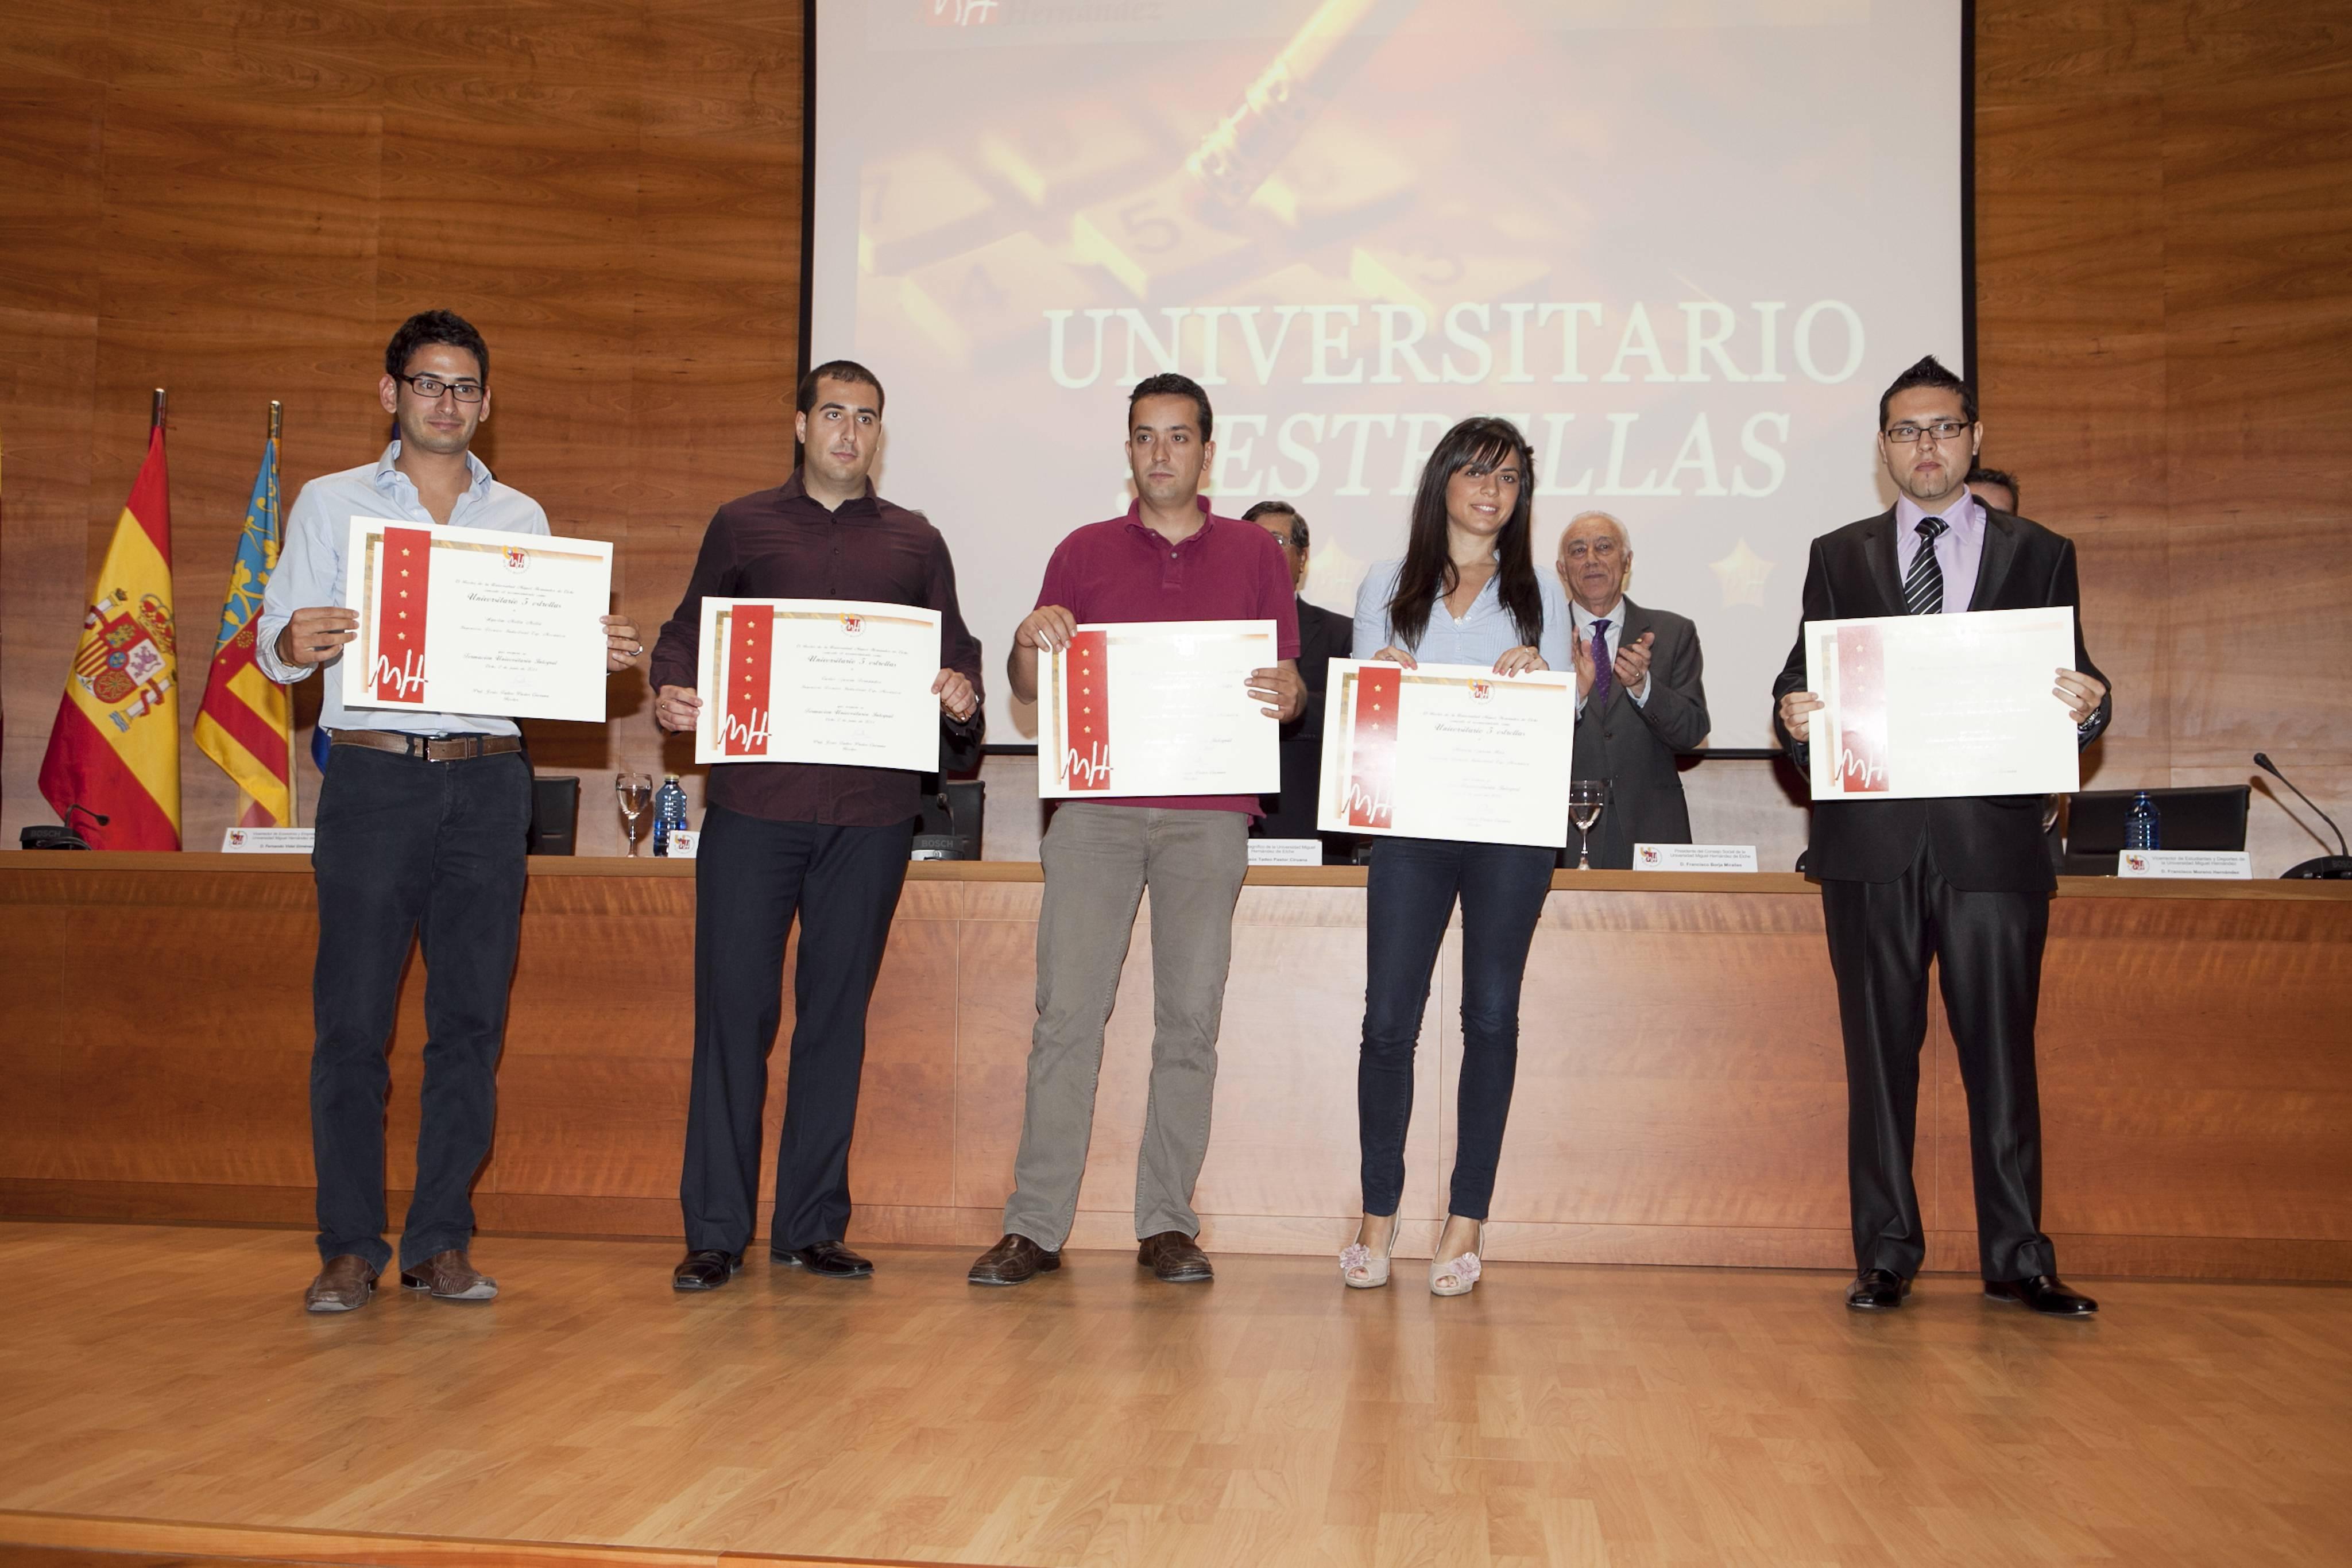 premios-5-estrellas_mg_0557.jpg